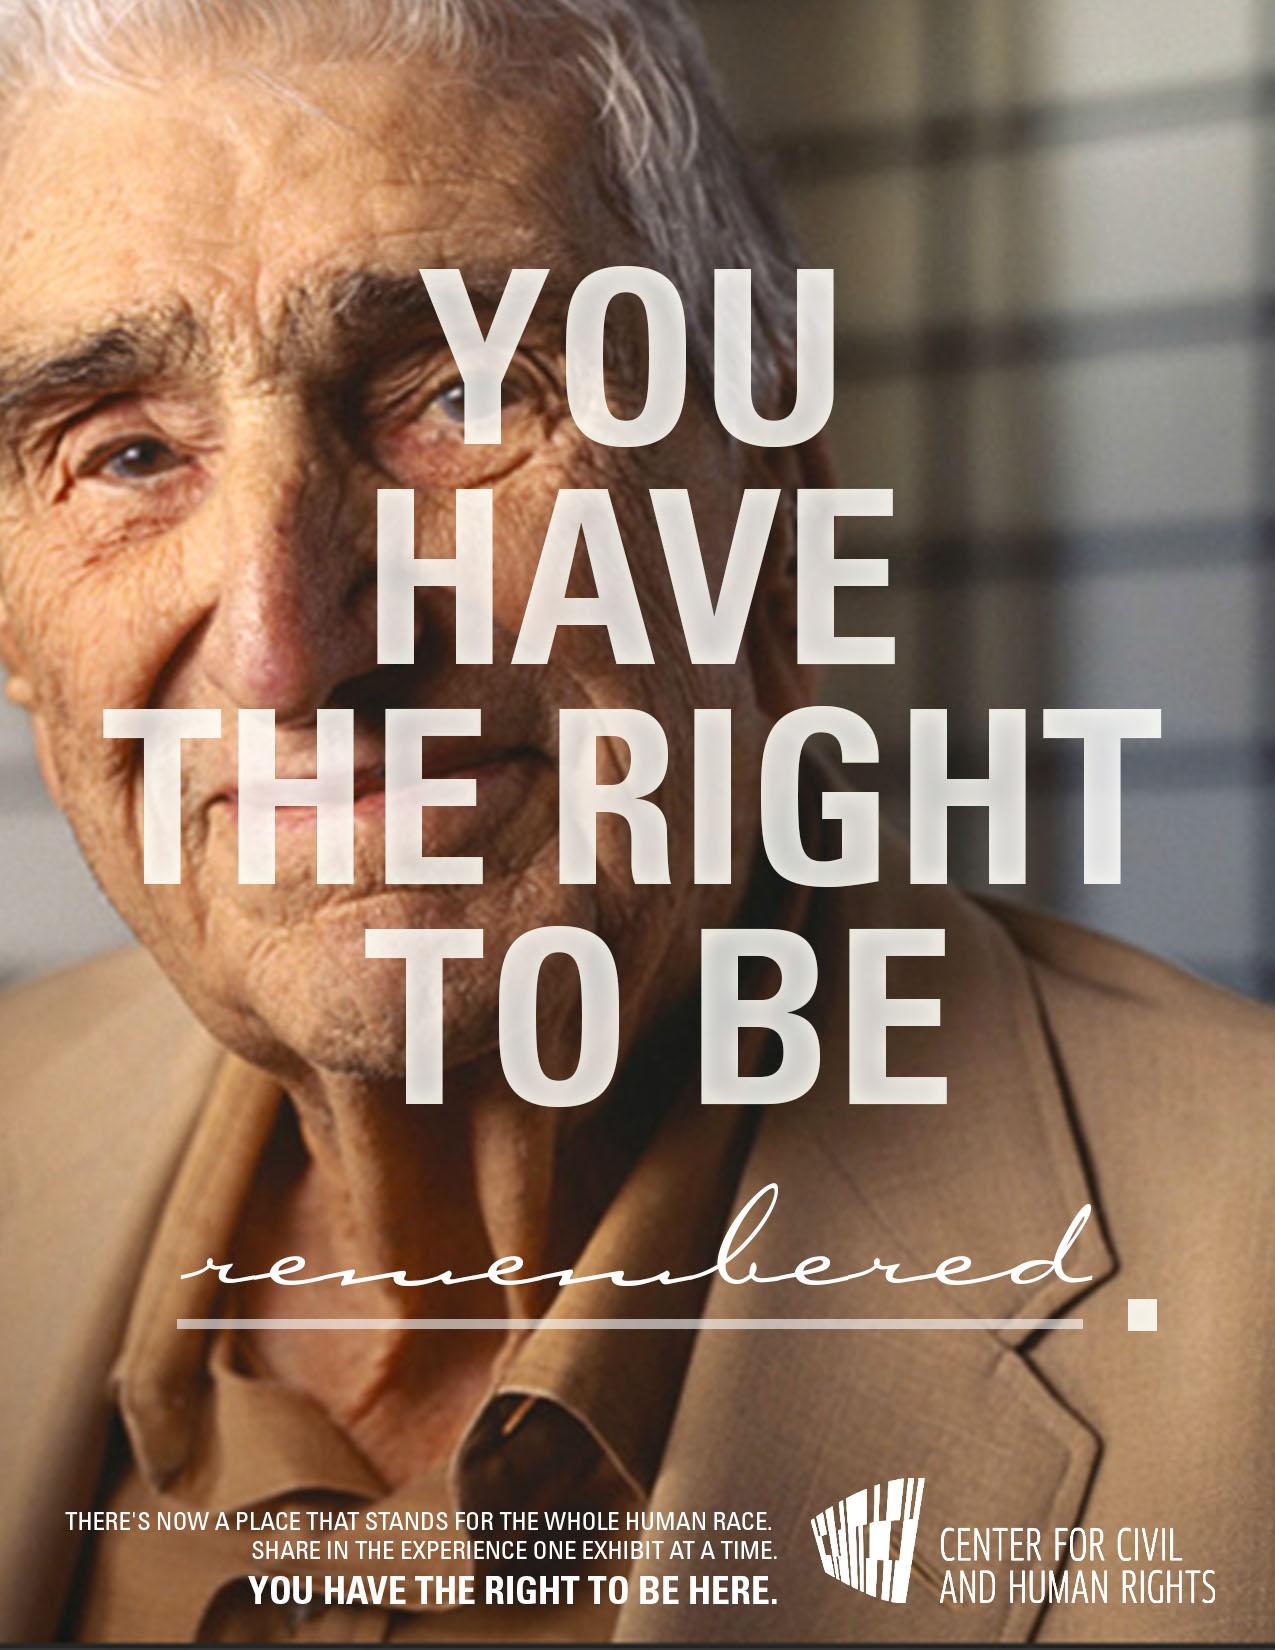 NCCHR_0001_Rights Print 2.jpg